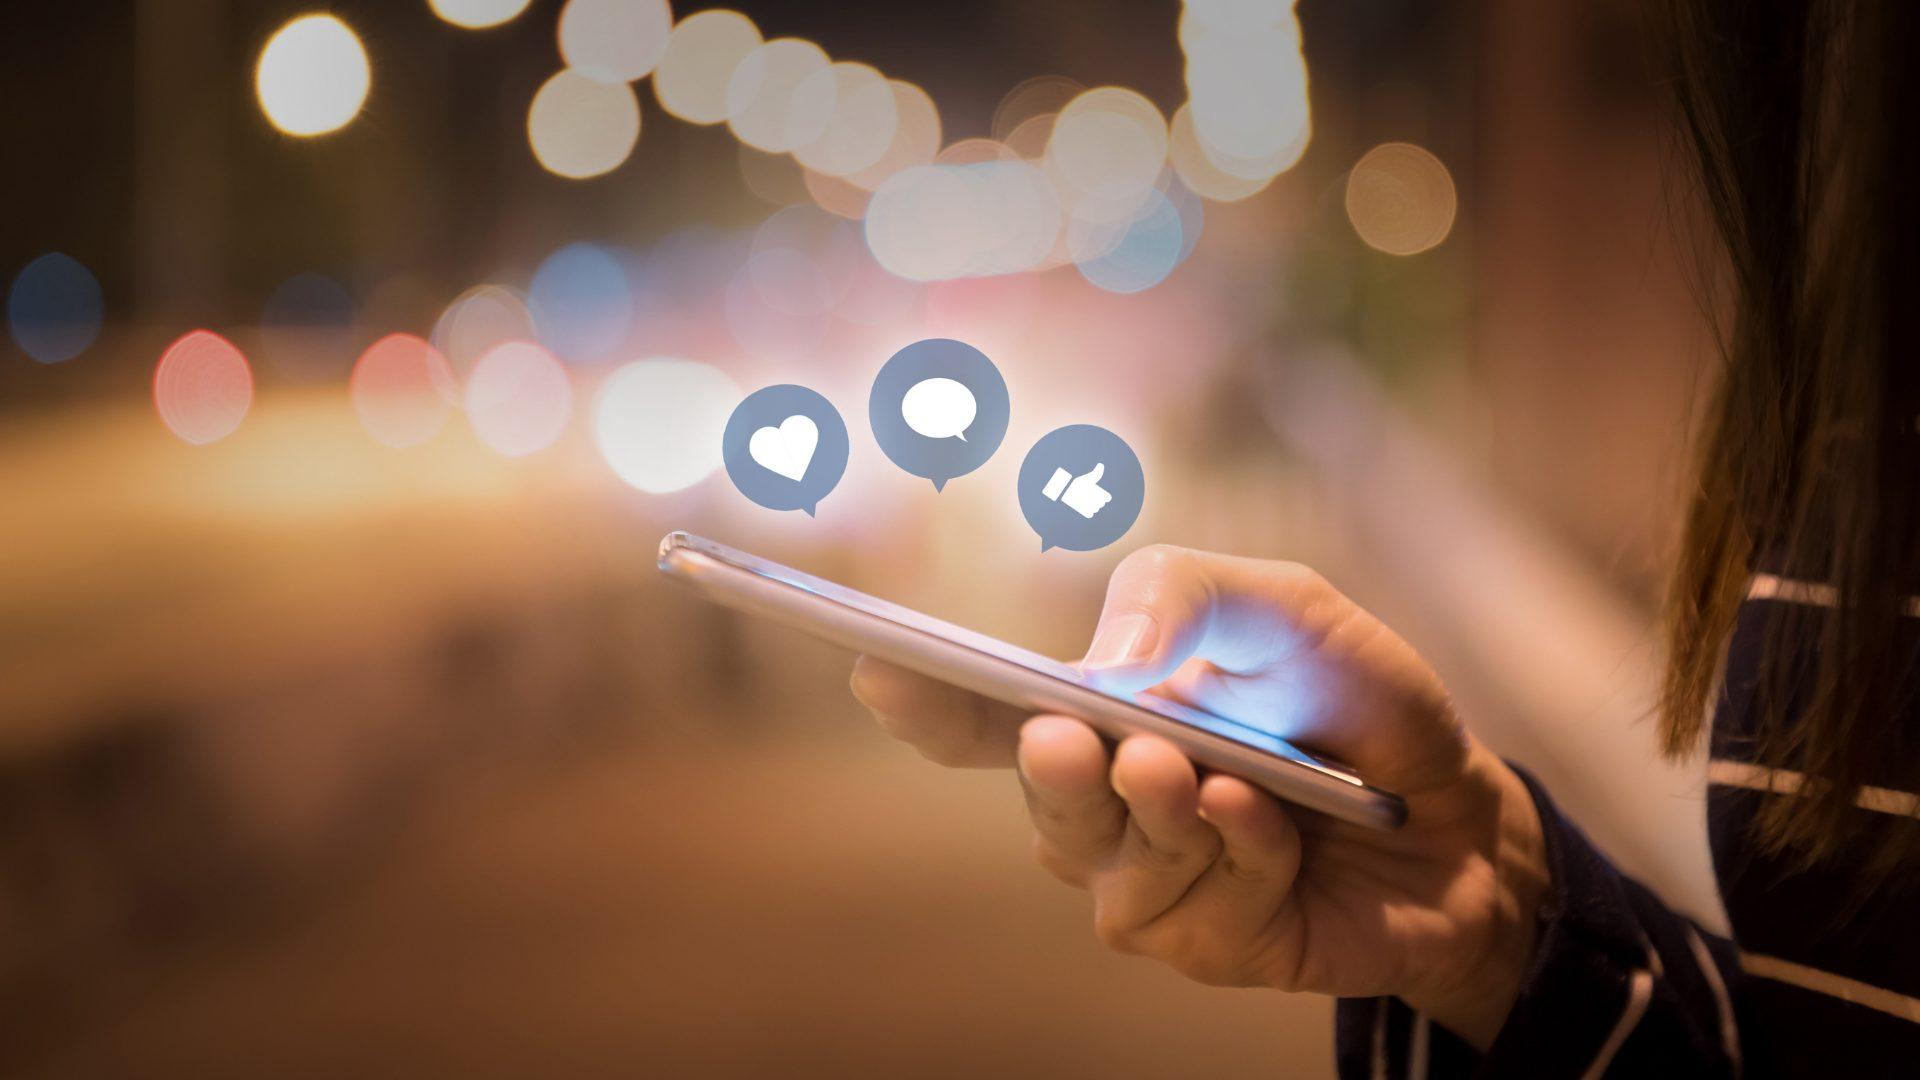 COMMUNITY MANAGEMENT Savoir communiquer sur les réseaux sociaux - Formations Clés en main OPCO 2i